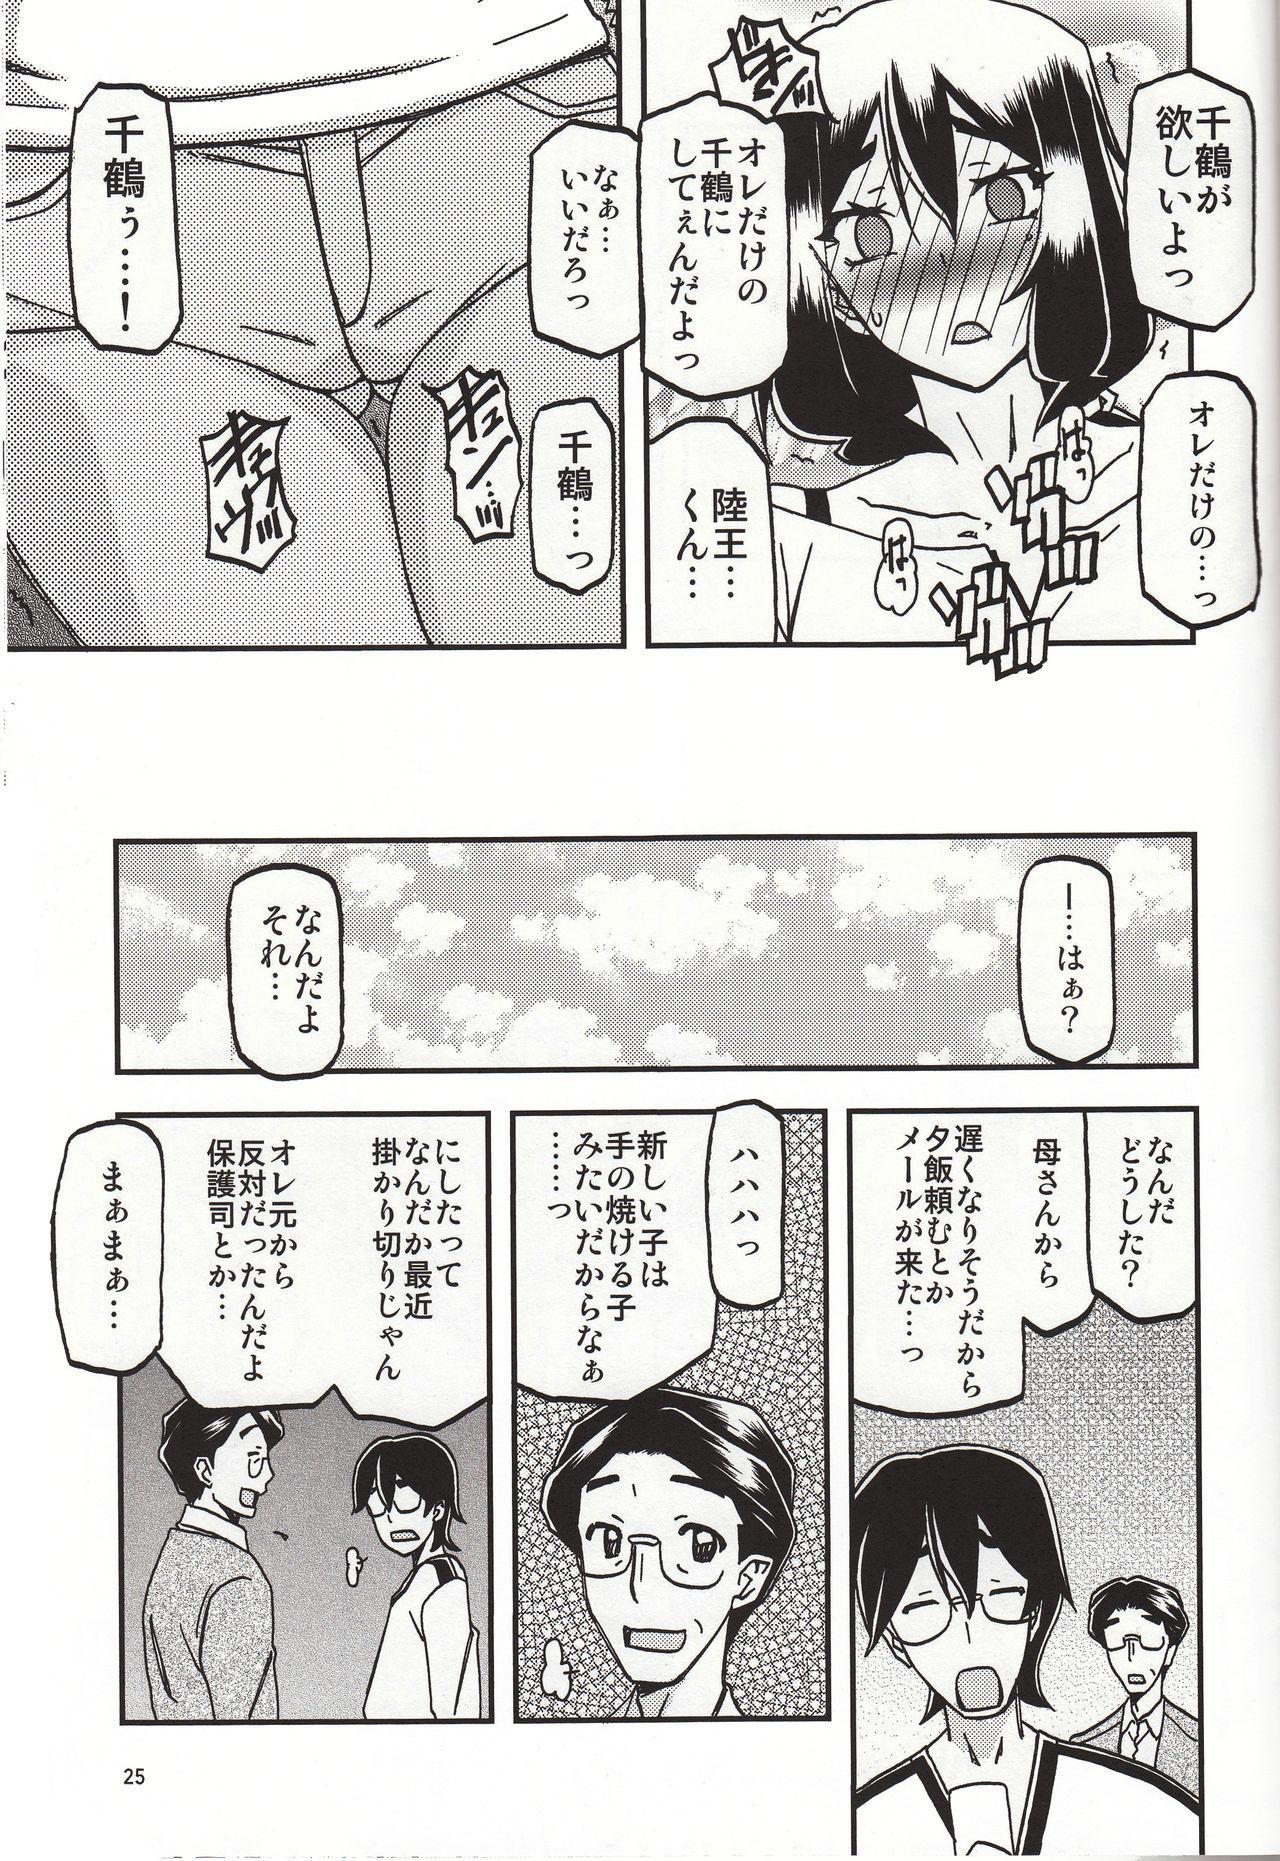 Akebi no Mi - Chizuru katei 23